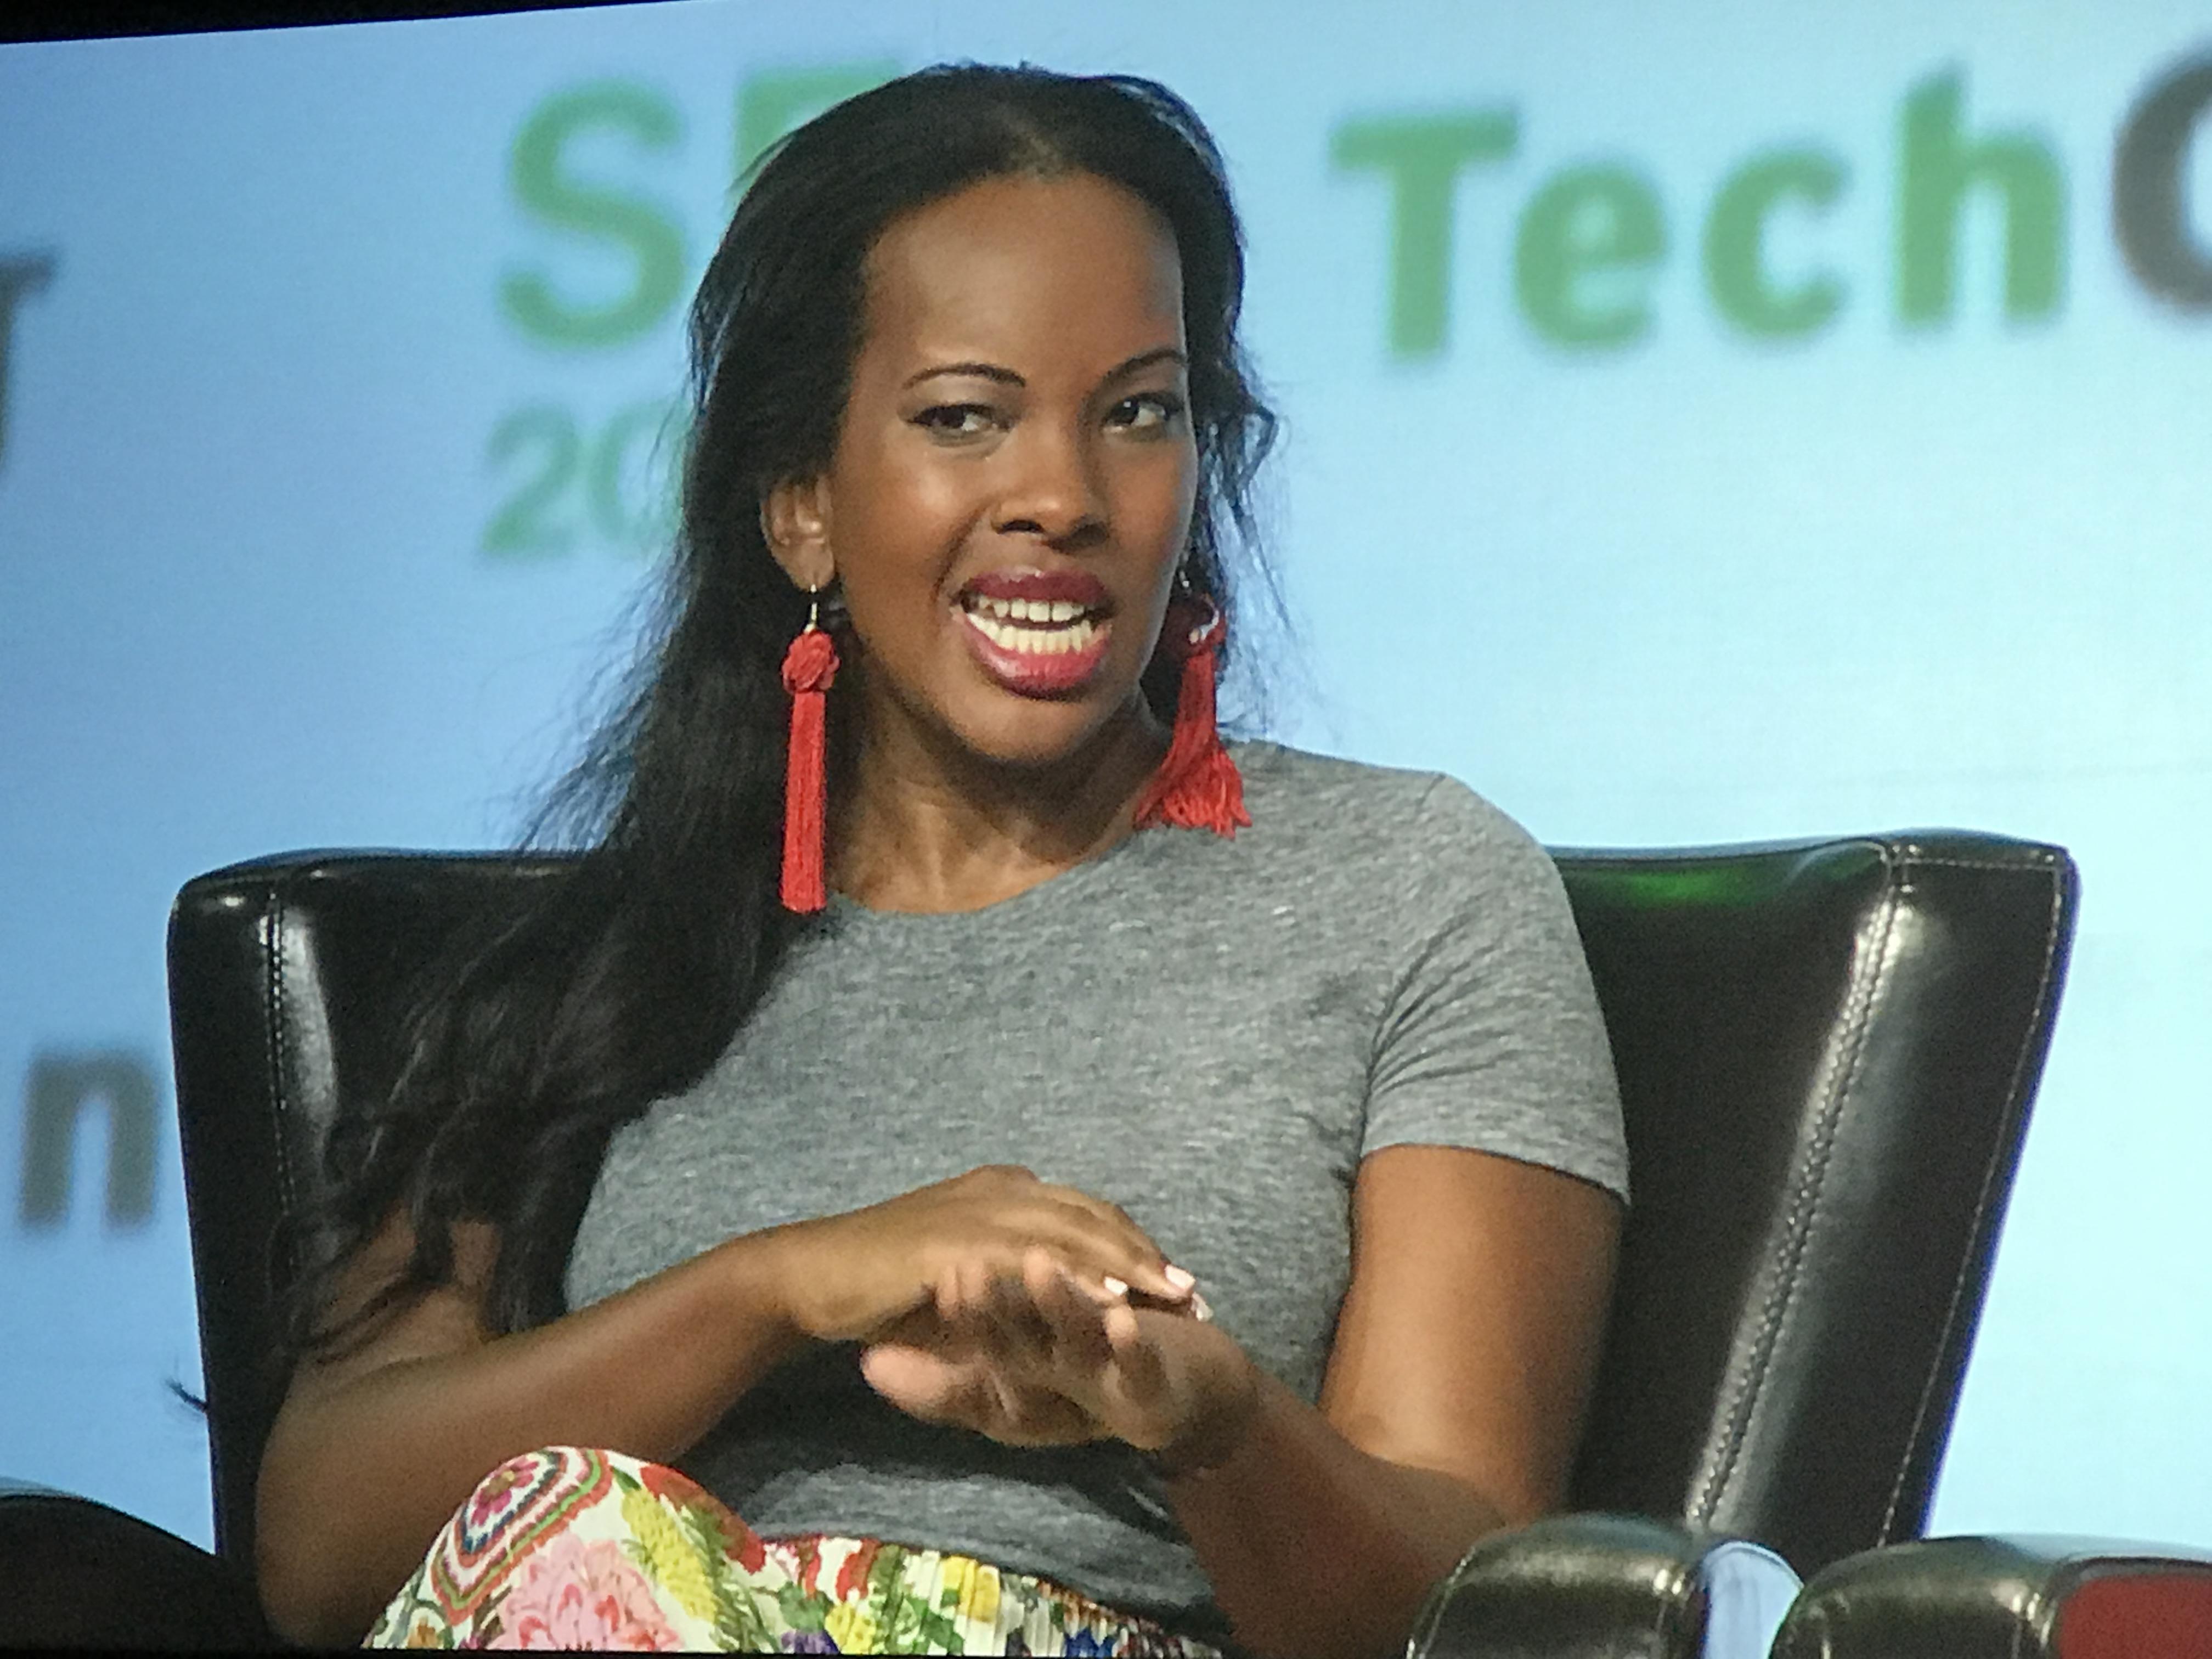 Sarah Kunst on 500 Startups ignoring sexual harassment evidence: 'Backchannels don't work'